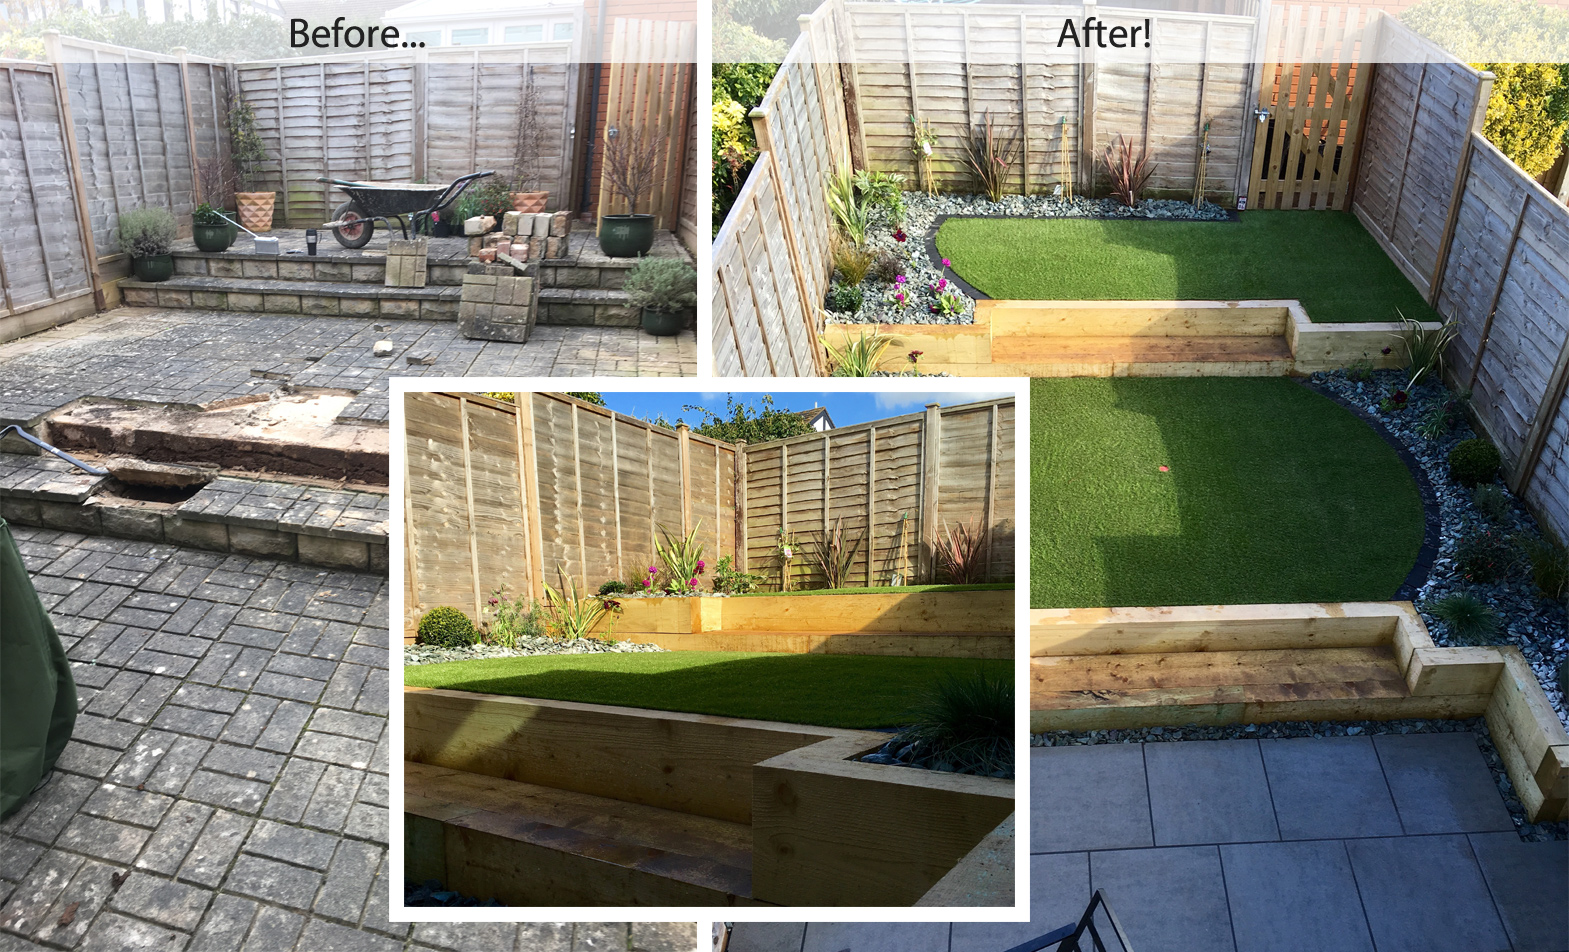 Town garden redesign case study cm artificial grass for Garden redesign